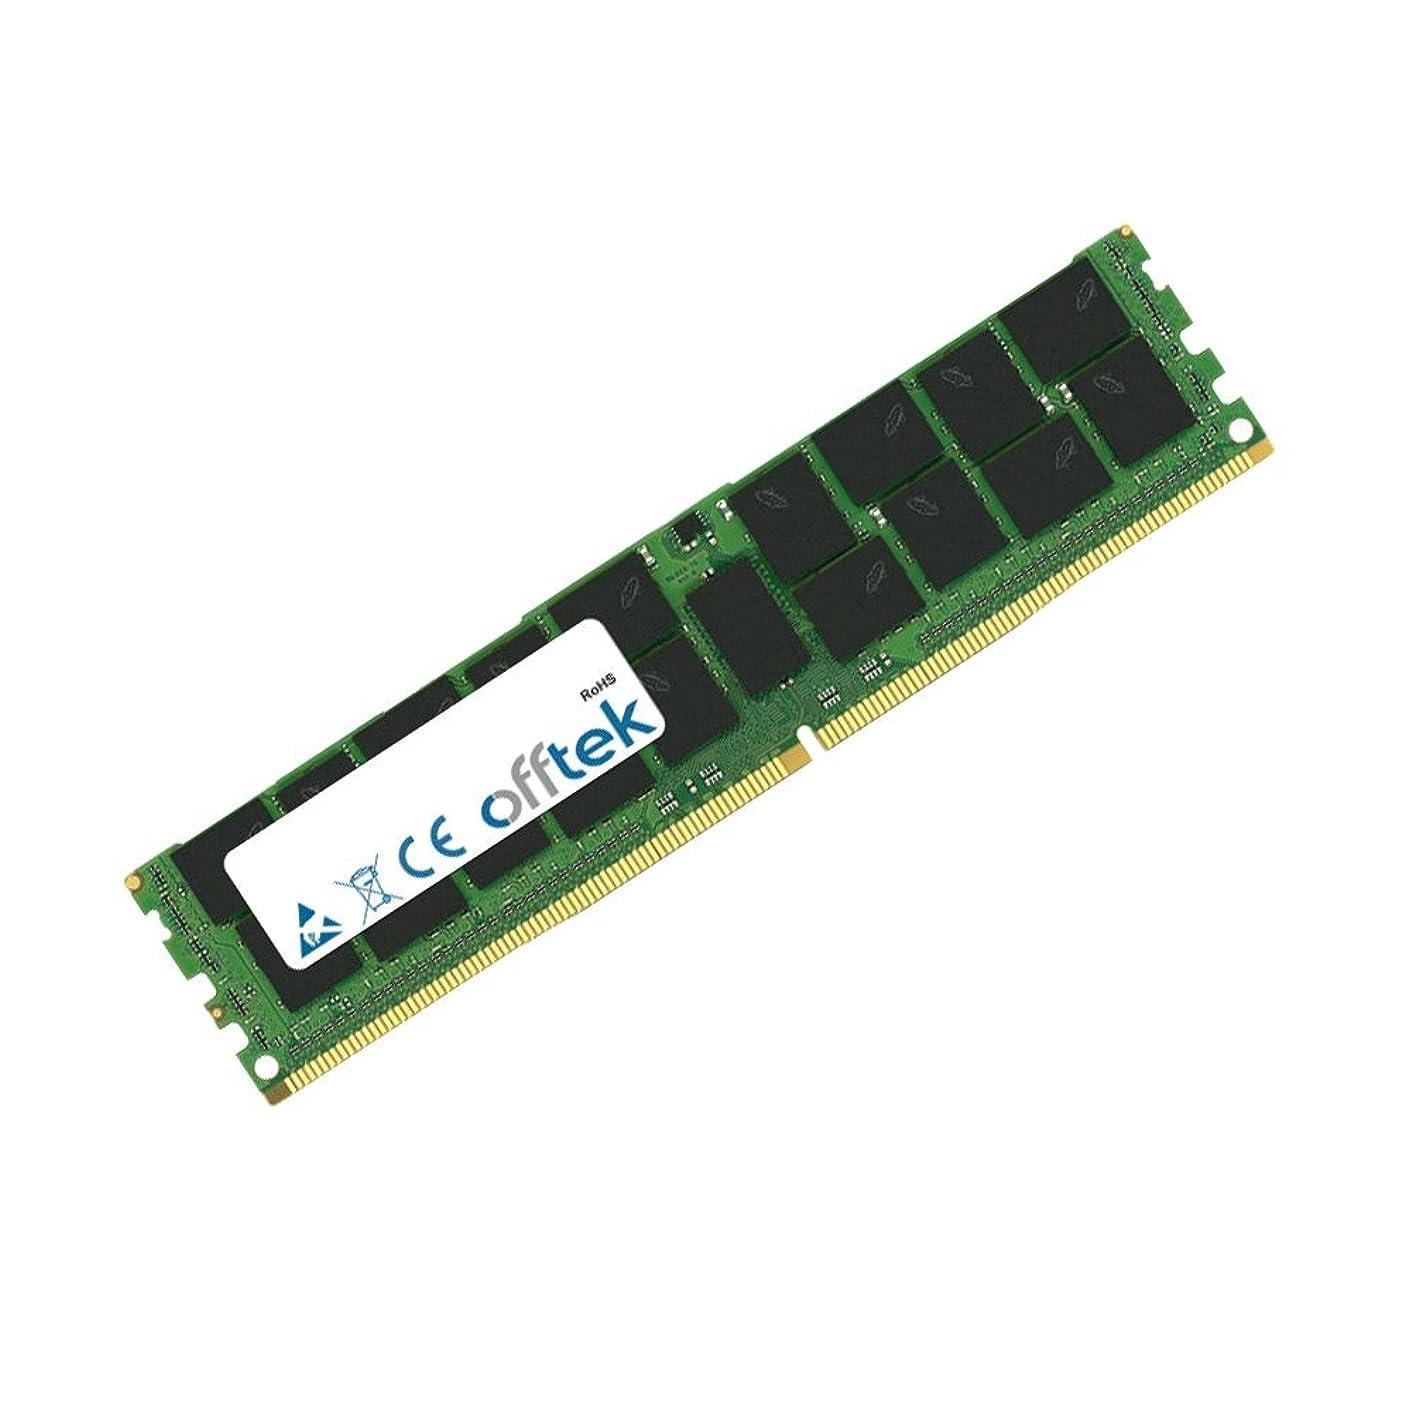 32GB RAM Memory for IBM-Lenovo ThinkStation P920 (DDR4-21300 (PC4-2666) - LRDIMM ECC)